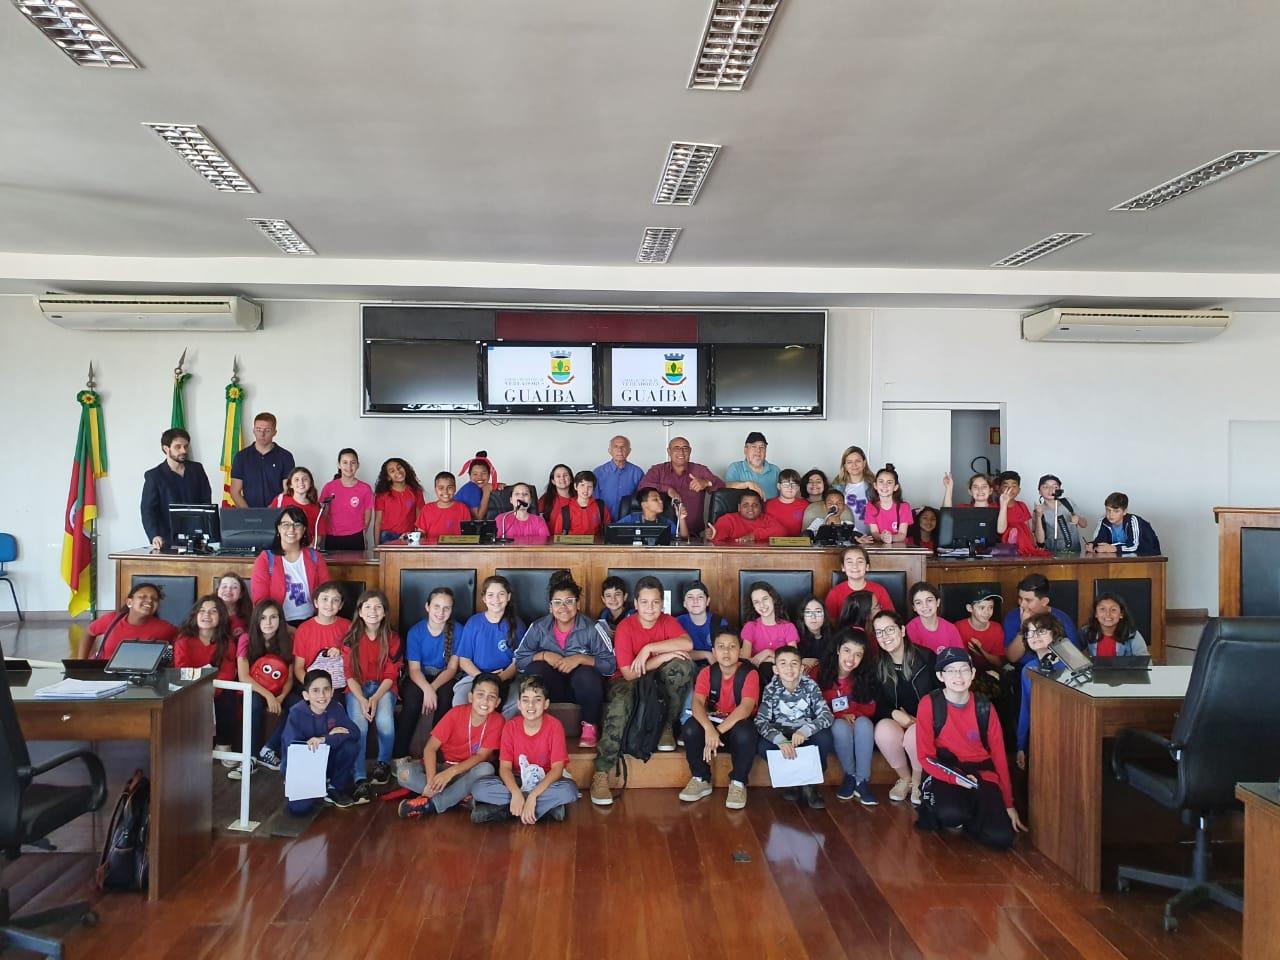 Alunos da Escola Municipal São Francisco Visitam a Câmara de Vereadores